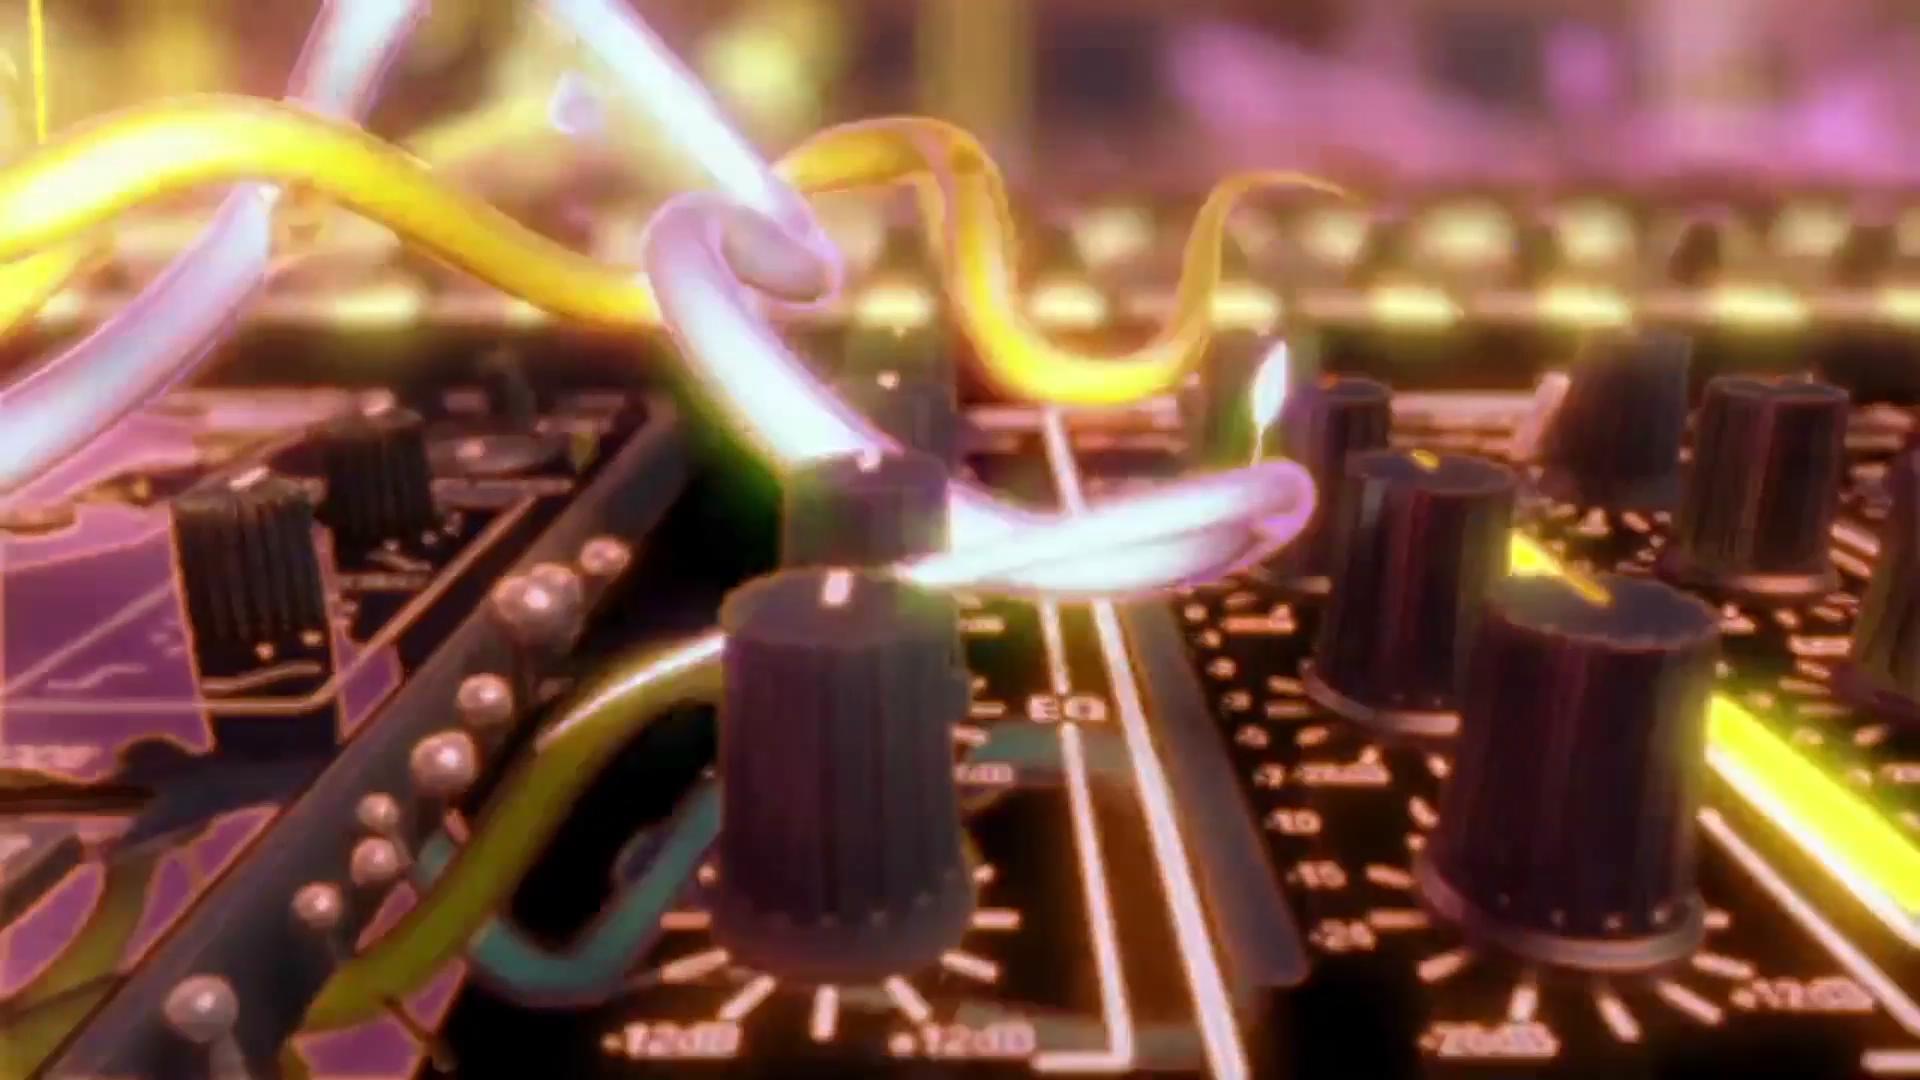 三维动感节奏CD碟机藤蔓生长LED动态背景视频素材